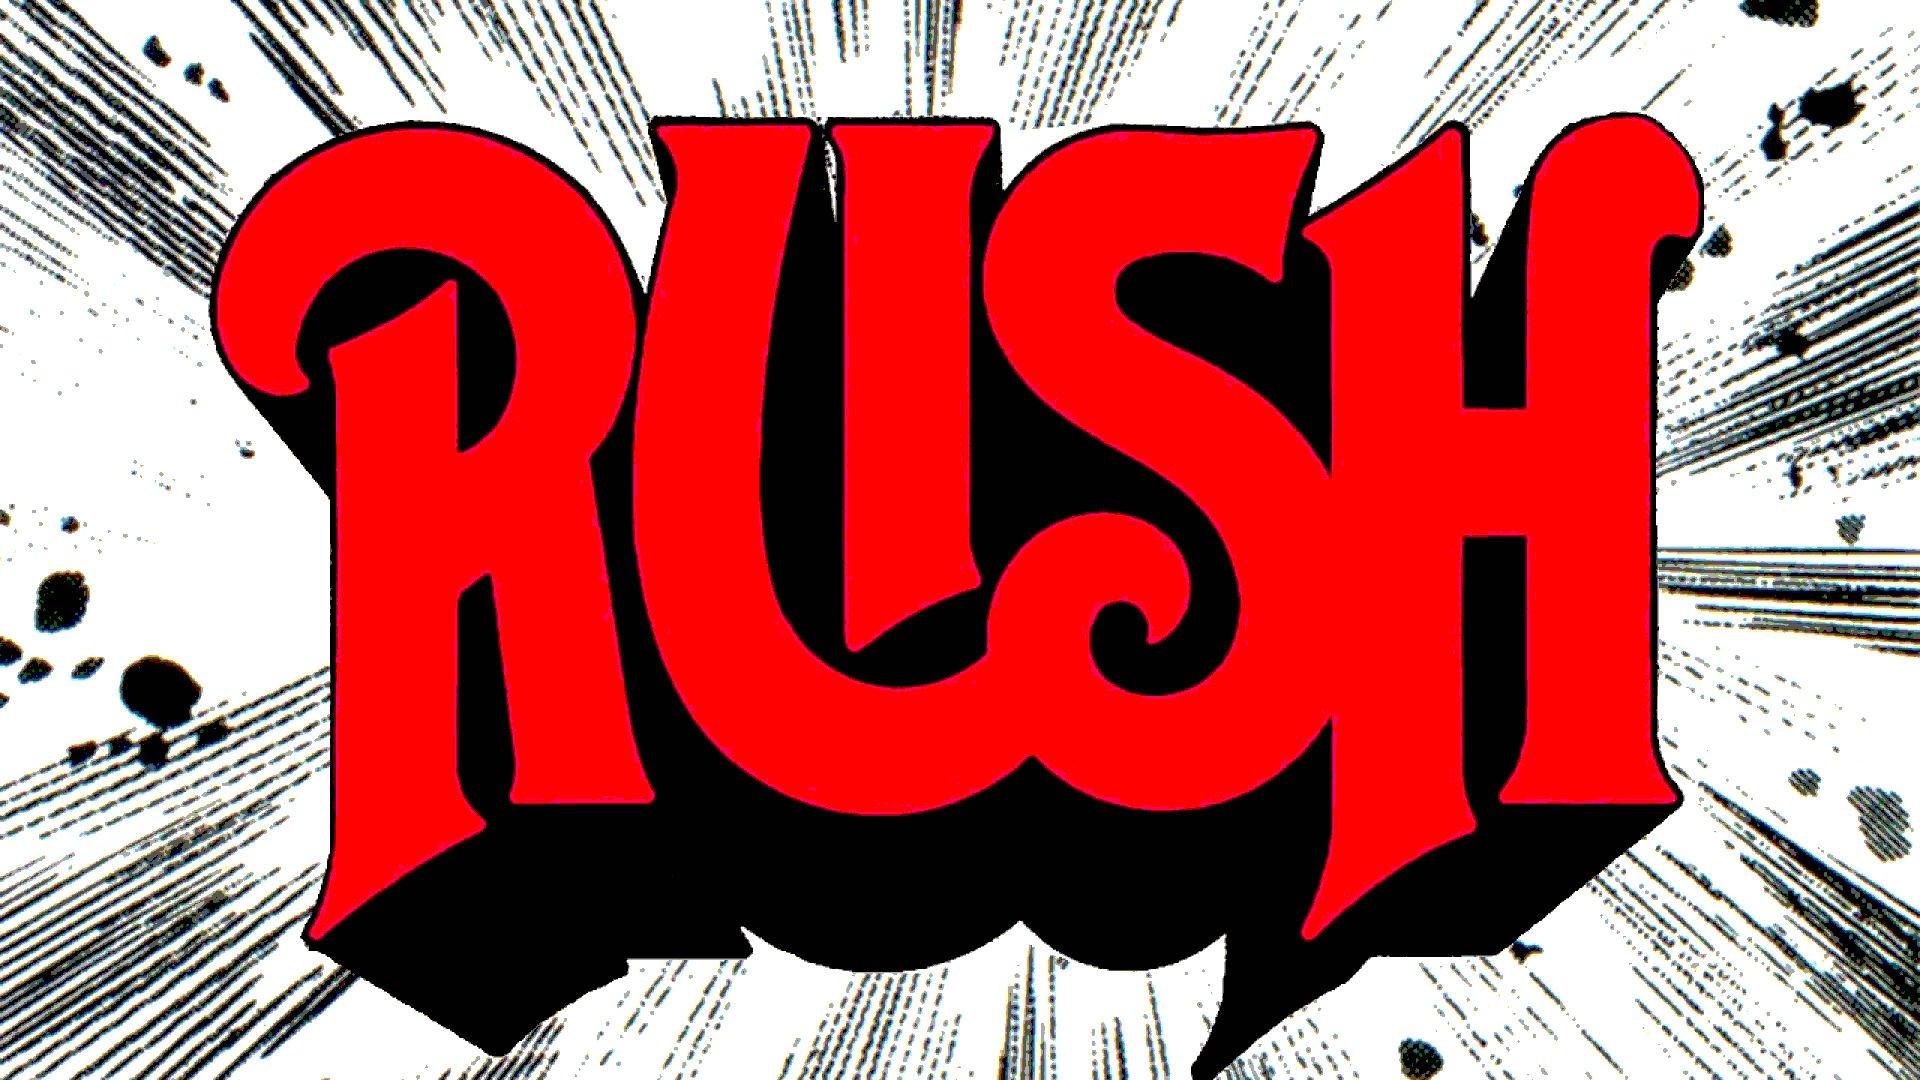 Rush Band Wallpaper Wallpapersafari HD Wallpapers Download Free Images Wallpaper [1000image.com]